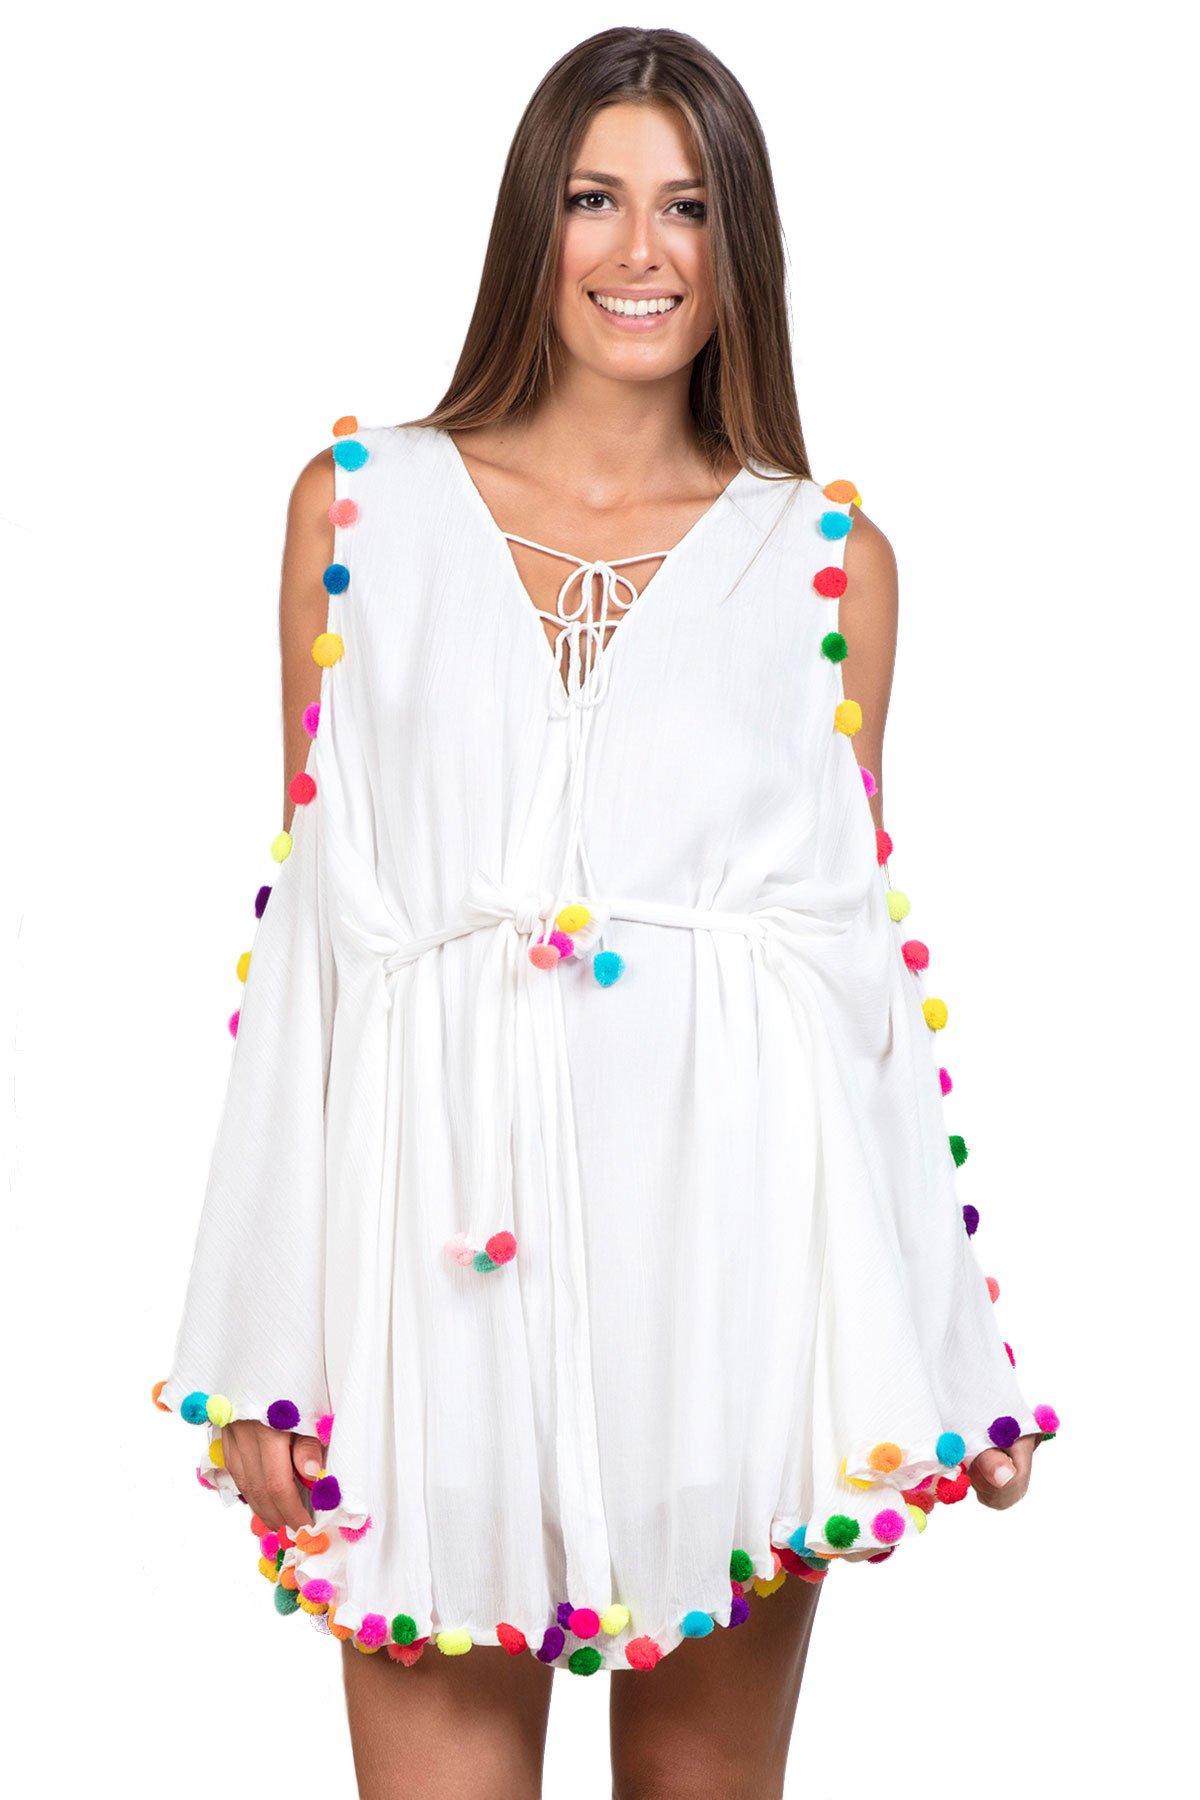 Sundress Women's Wovens Long Sleeve Dress Swim Cover Up White/Multi M/L by Sundress